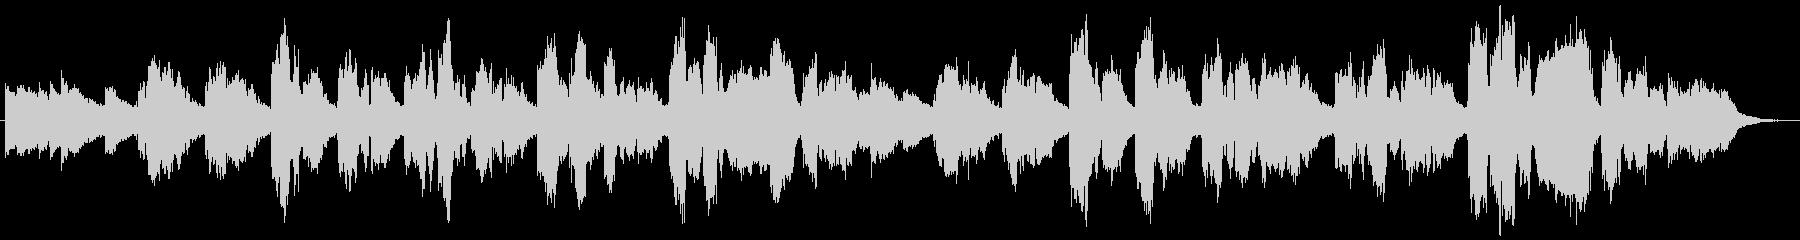 ソプラノコーラス原語のドイツ語での未再生の波形